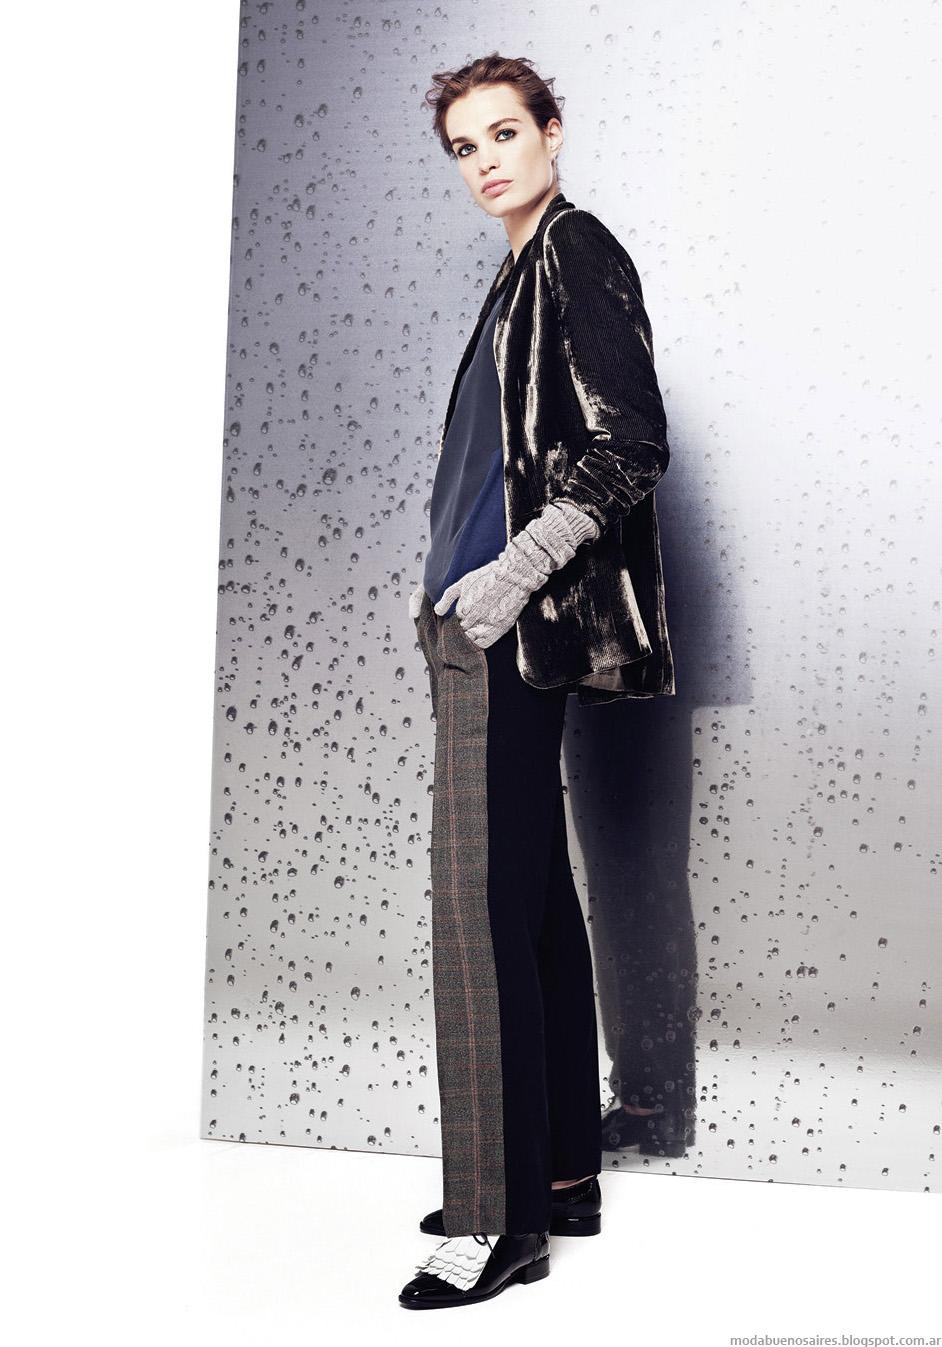 Moda en pantalones y sacos de mujer invierno 2014 Graciela Naum.